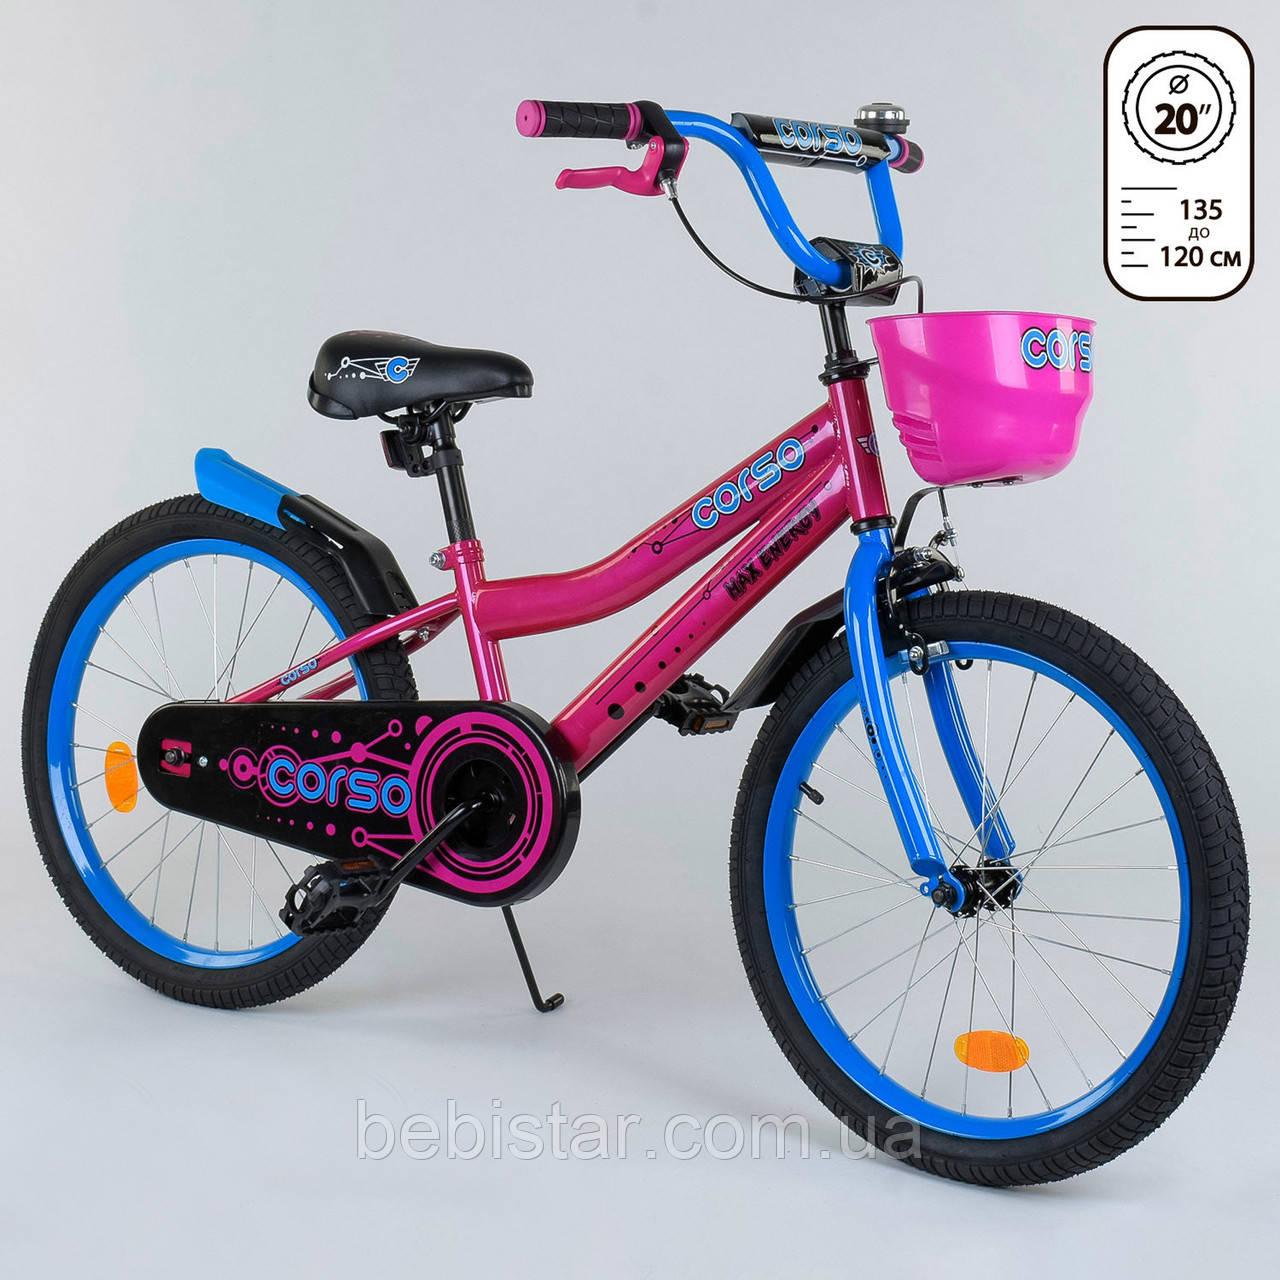 """Детский двухколесный велосипед бордовый, корзинка, подножка, ручной тормоз Corso 20"""" детям 6-9 лет"""